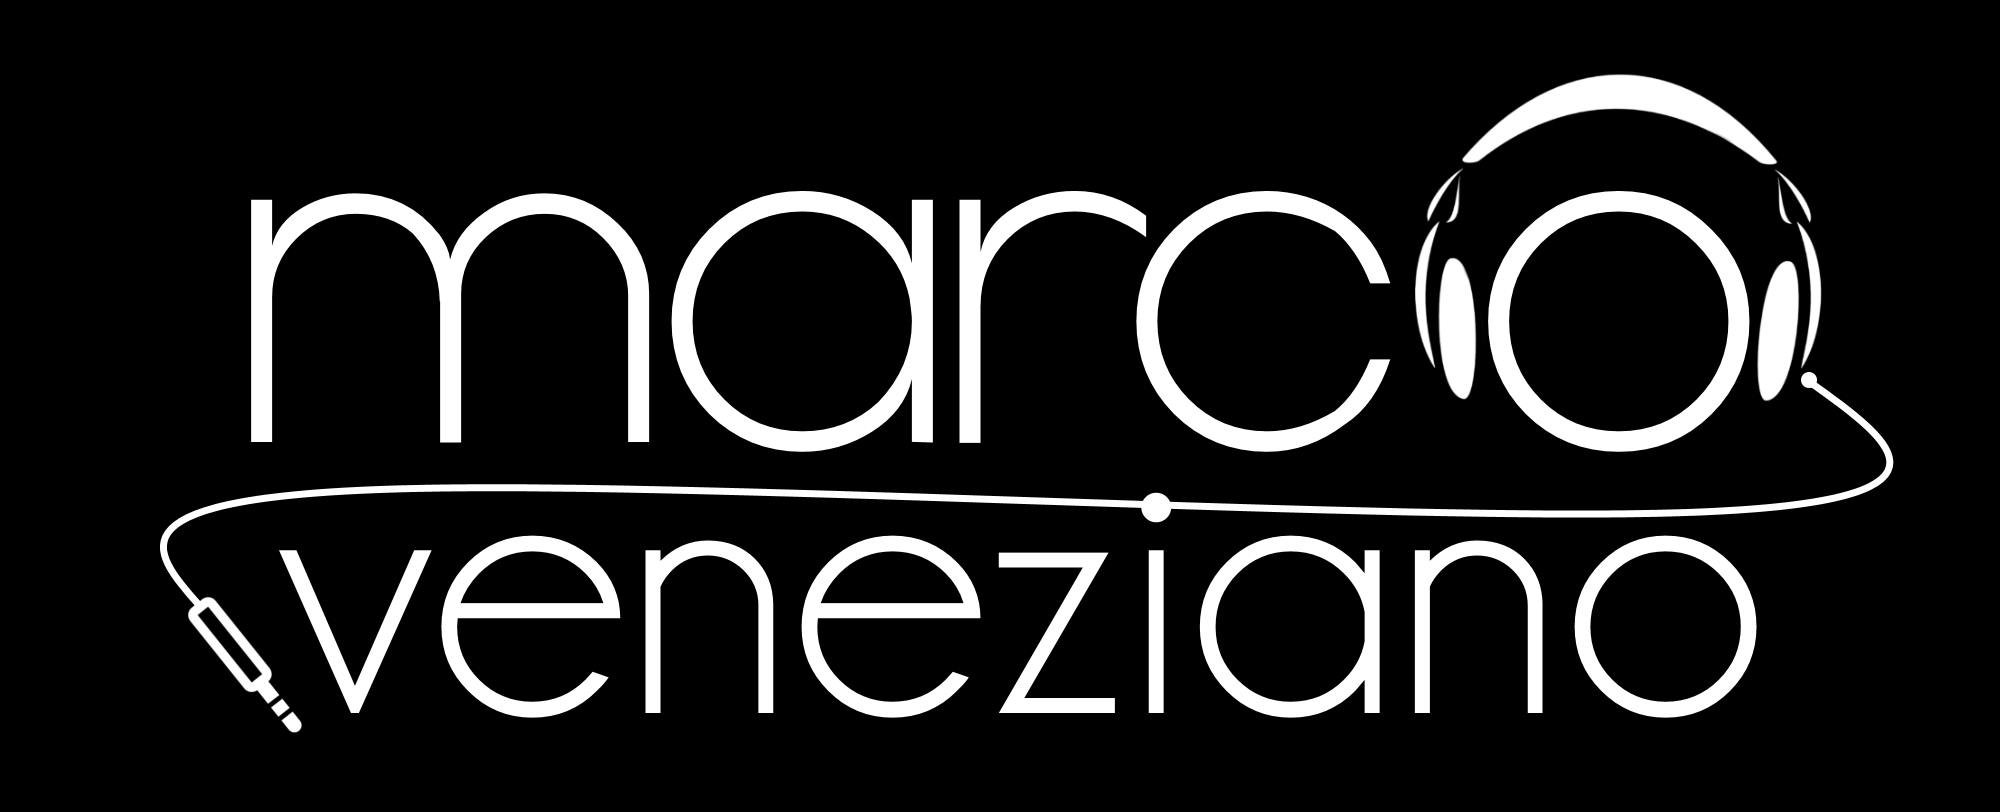 Marco Veneziano Logo 9.1.2W